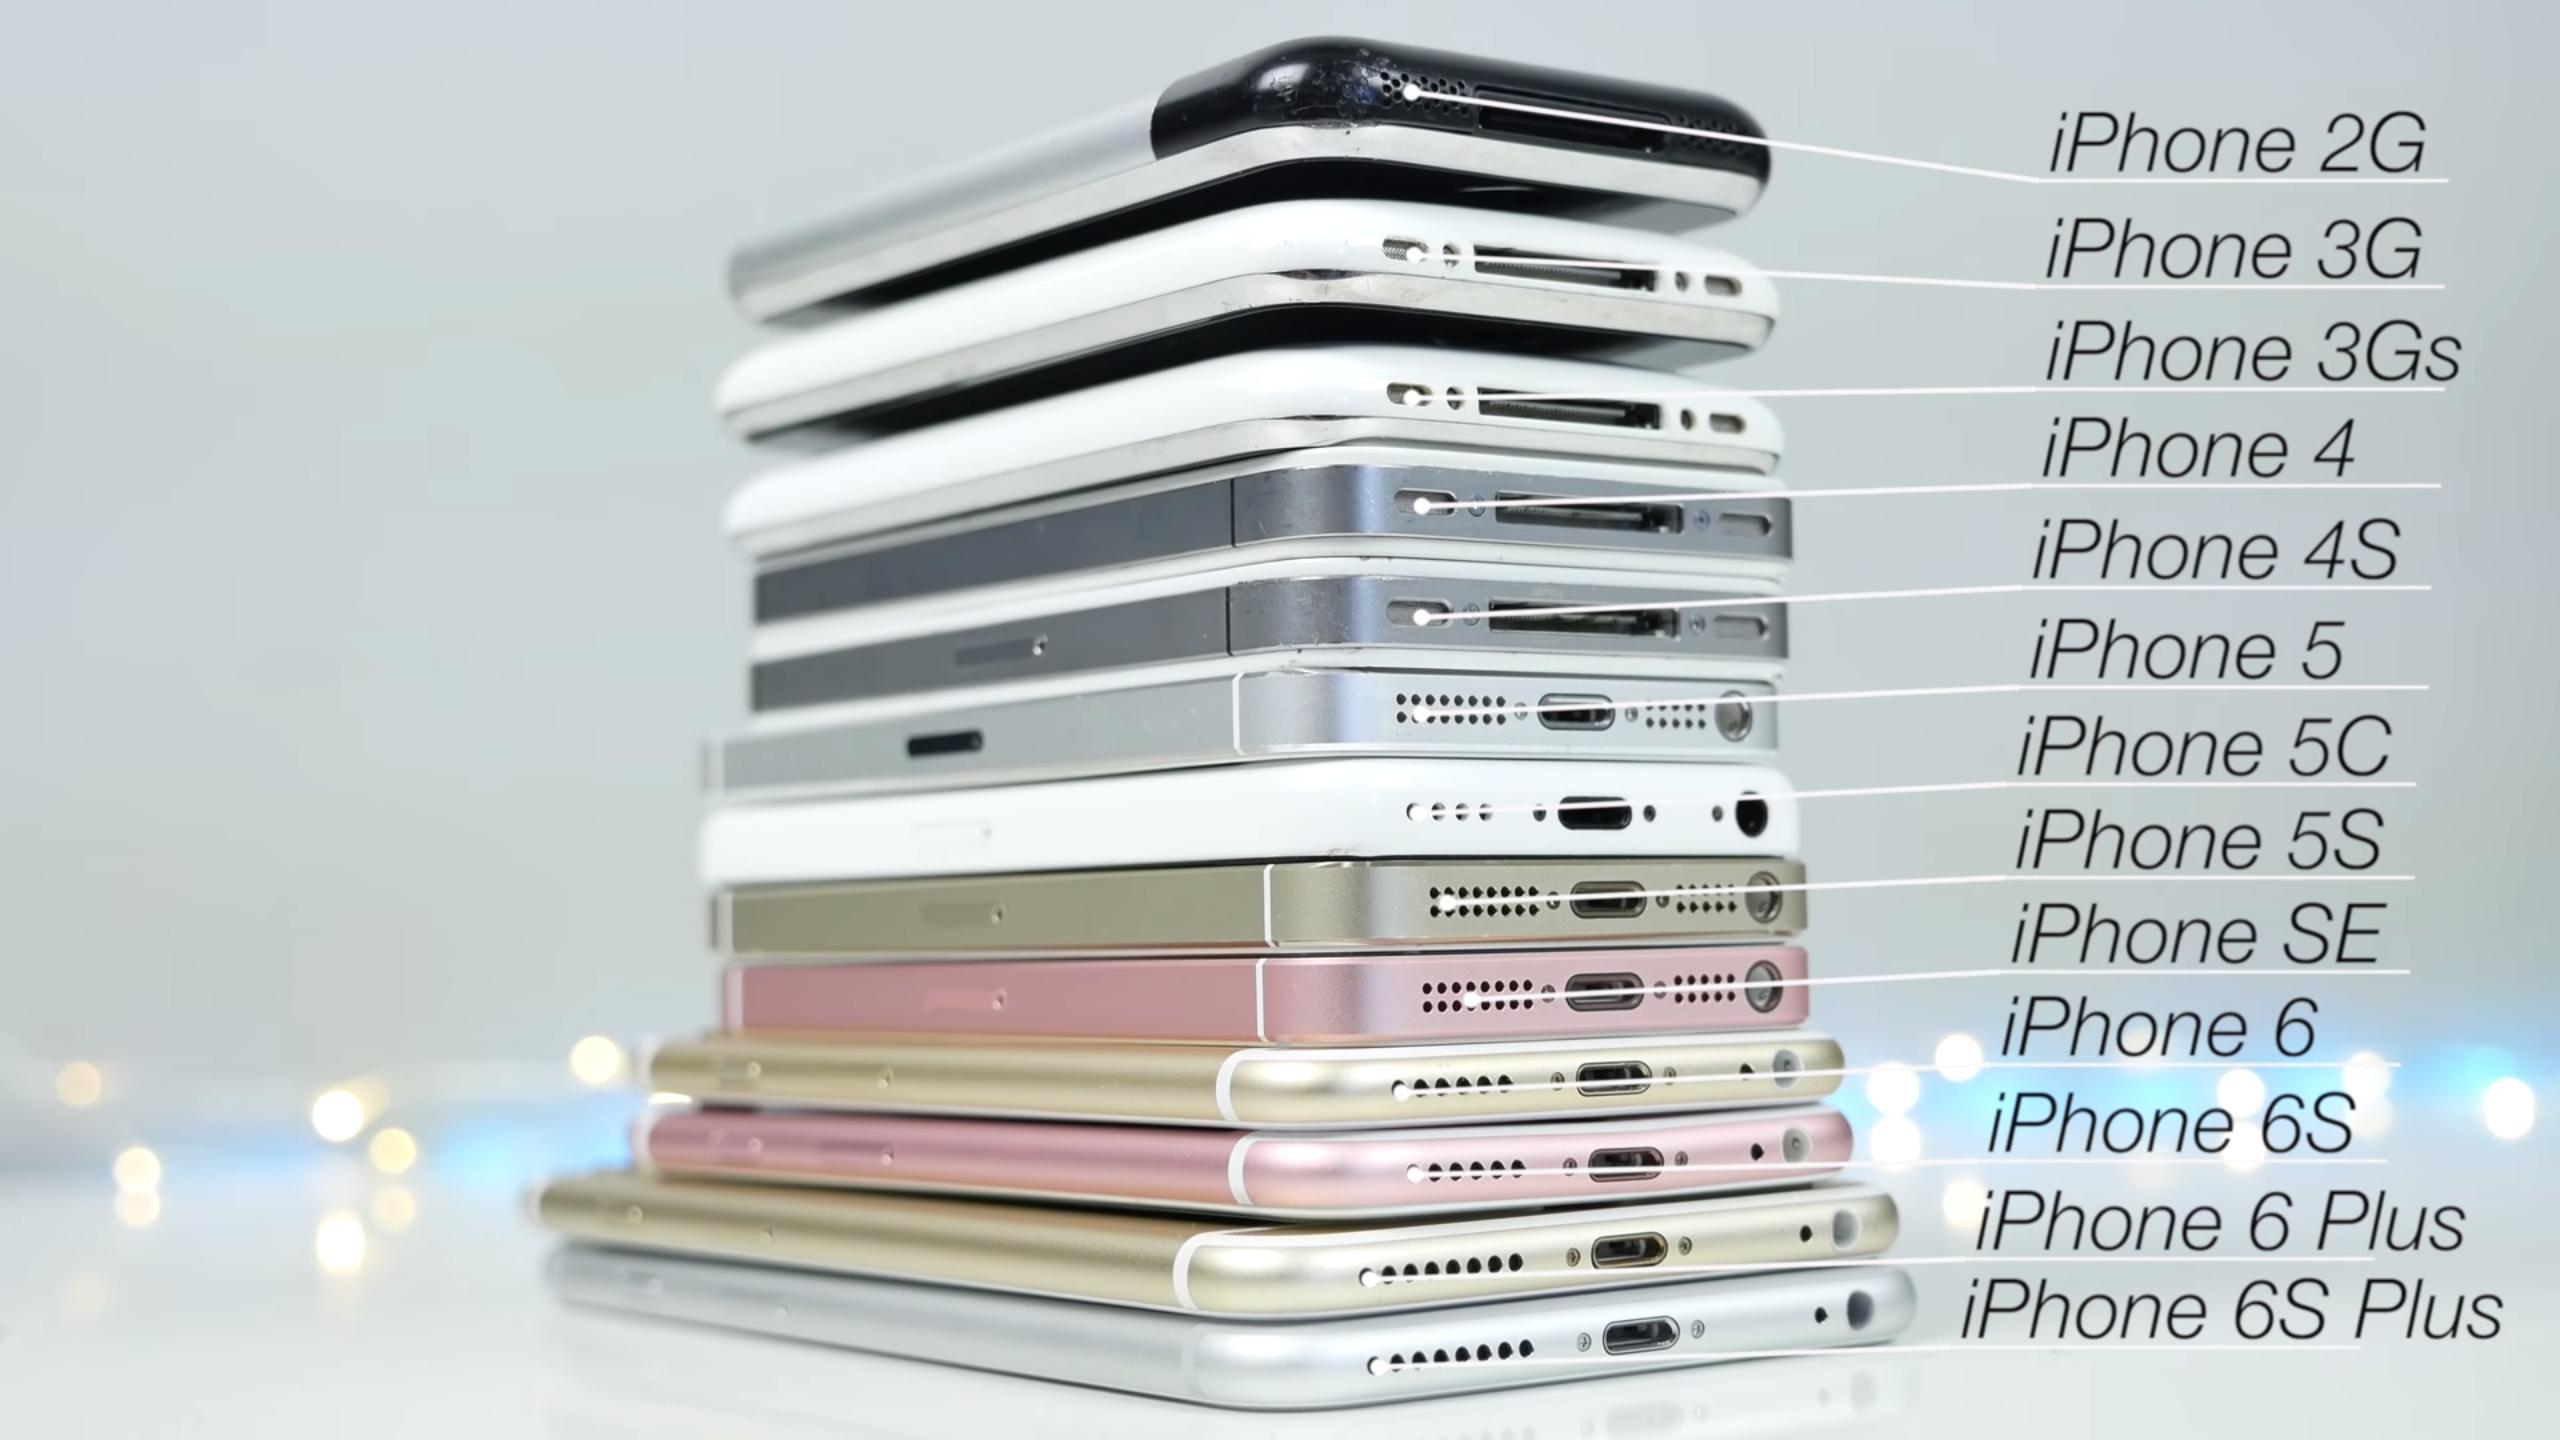 iPhone modelleri birbirleriyle kıyaslandı